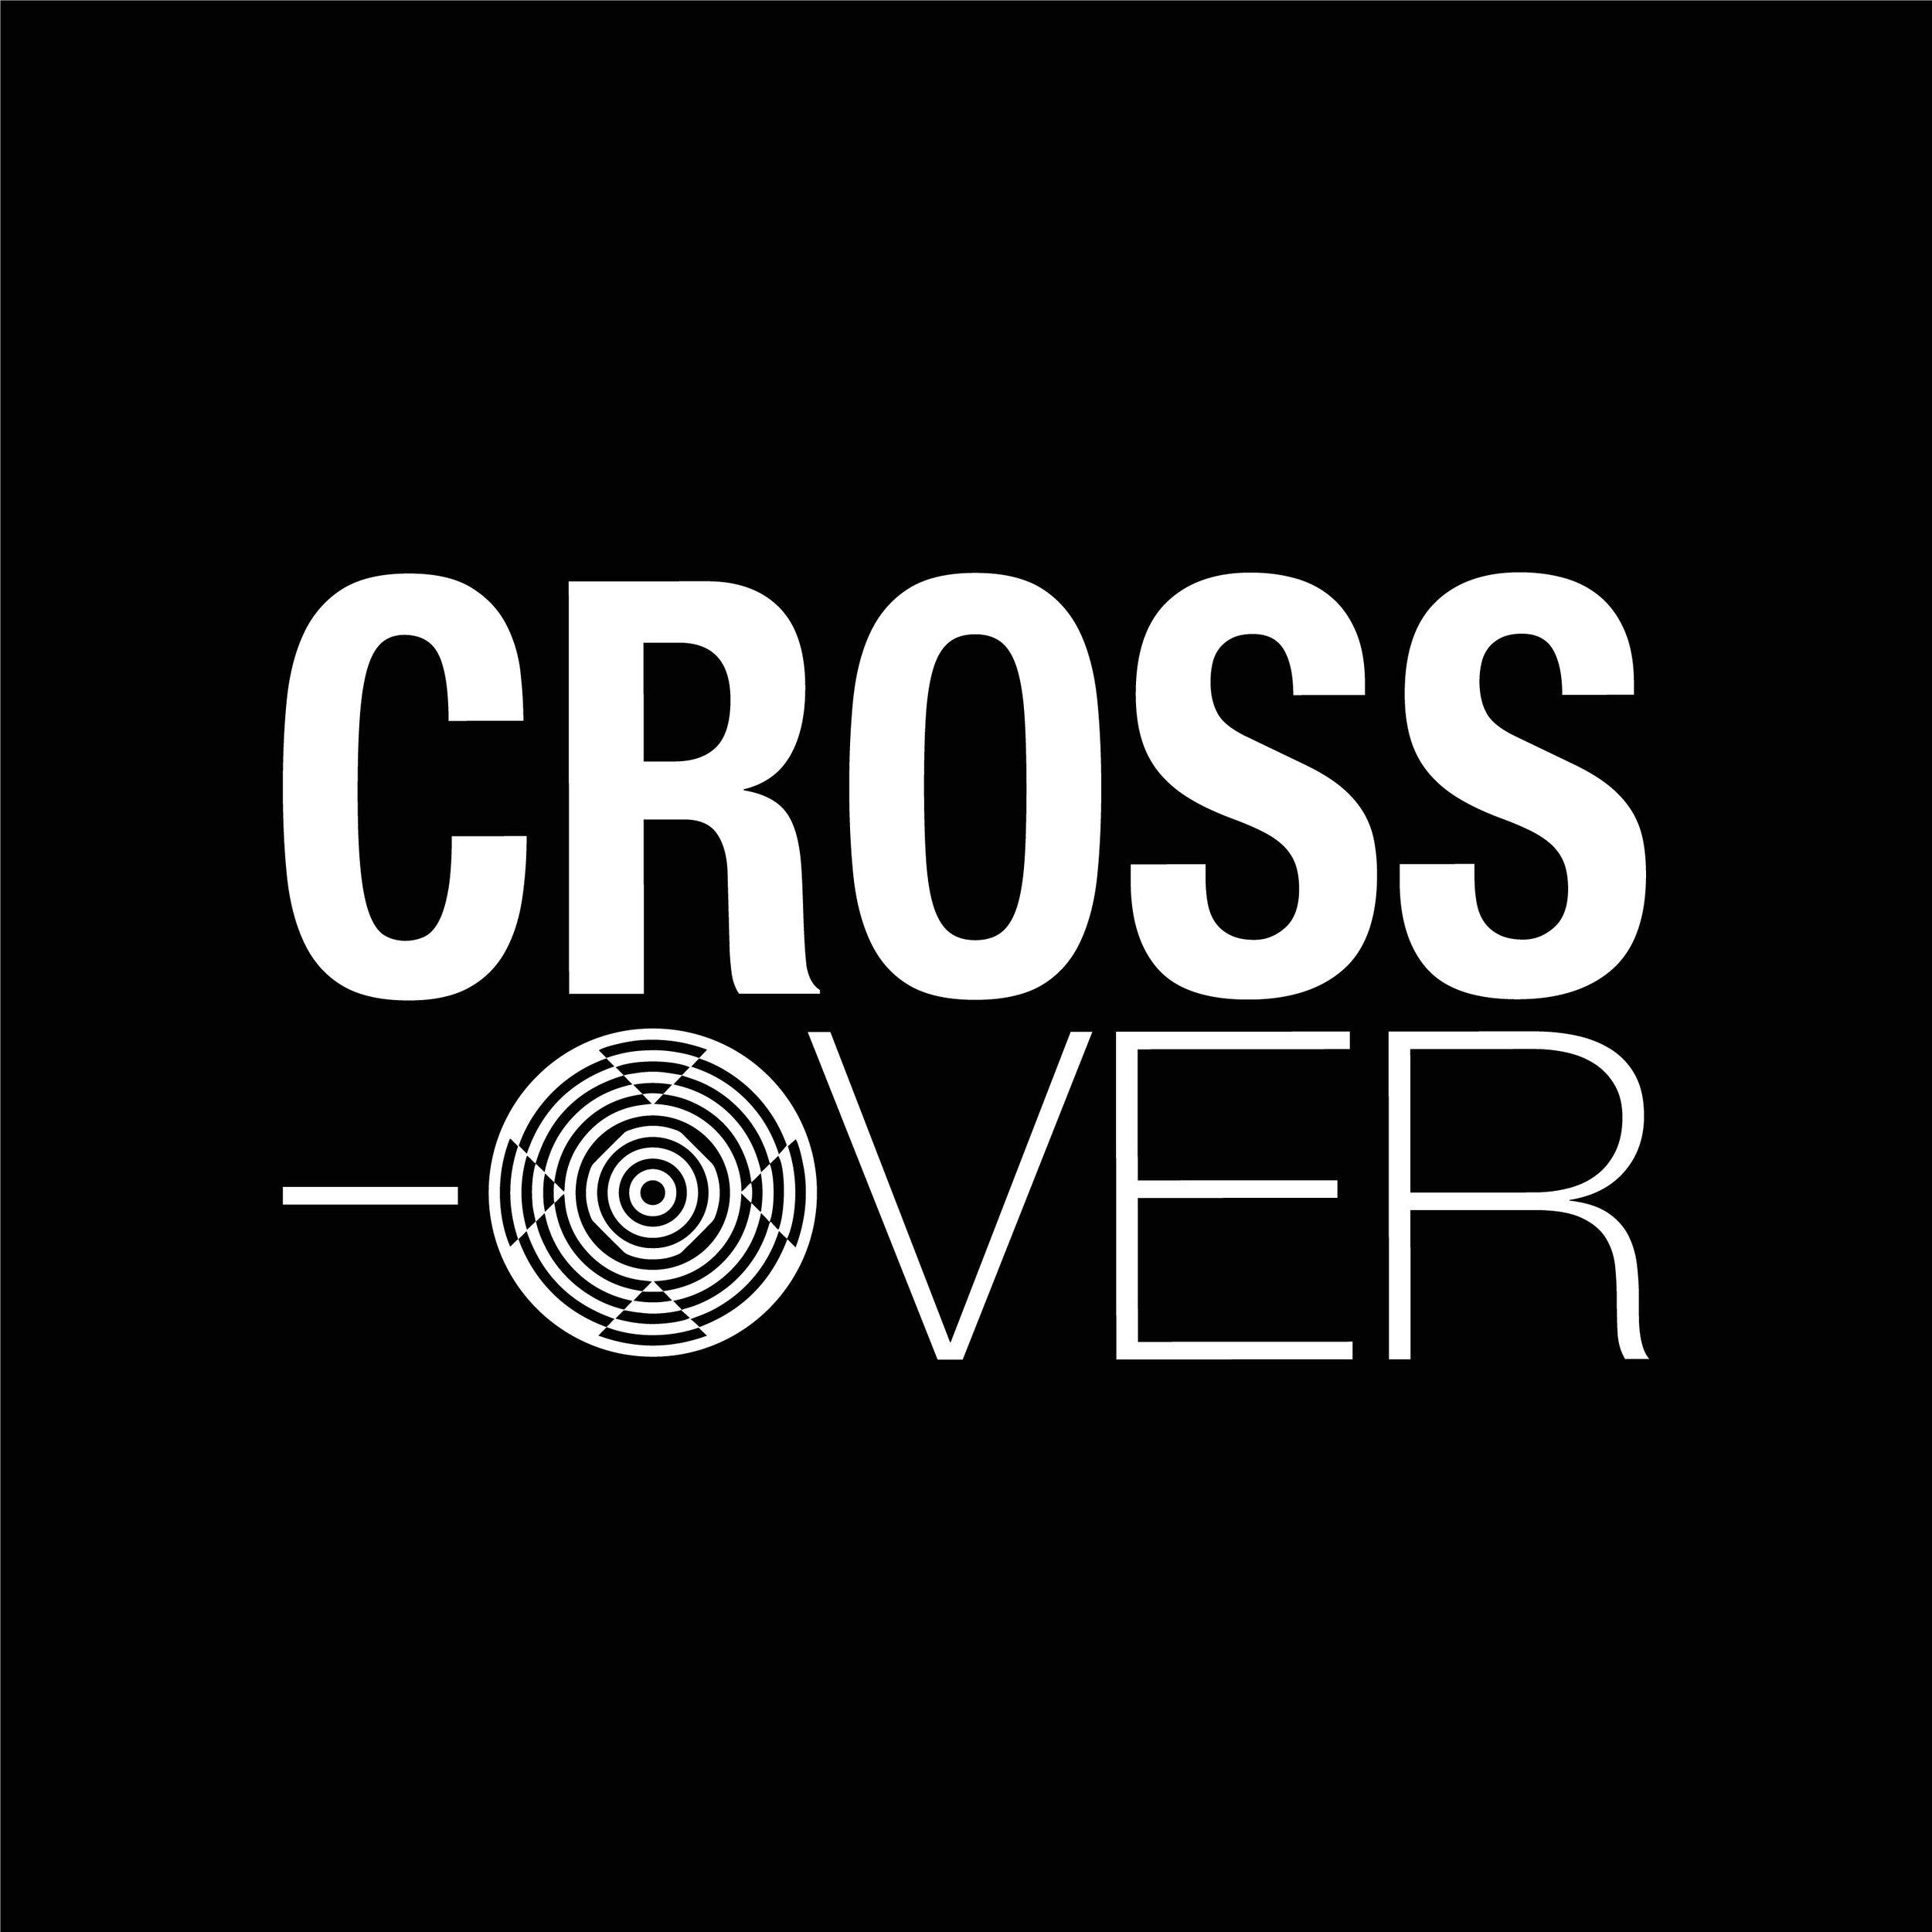 cross-over eng logo.jpg